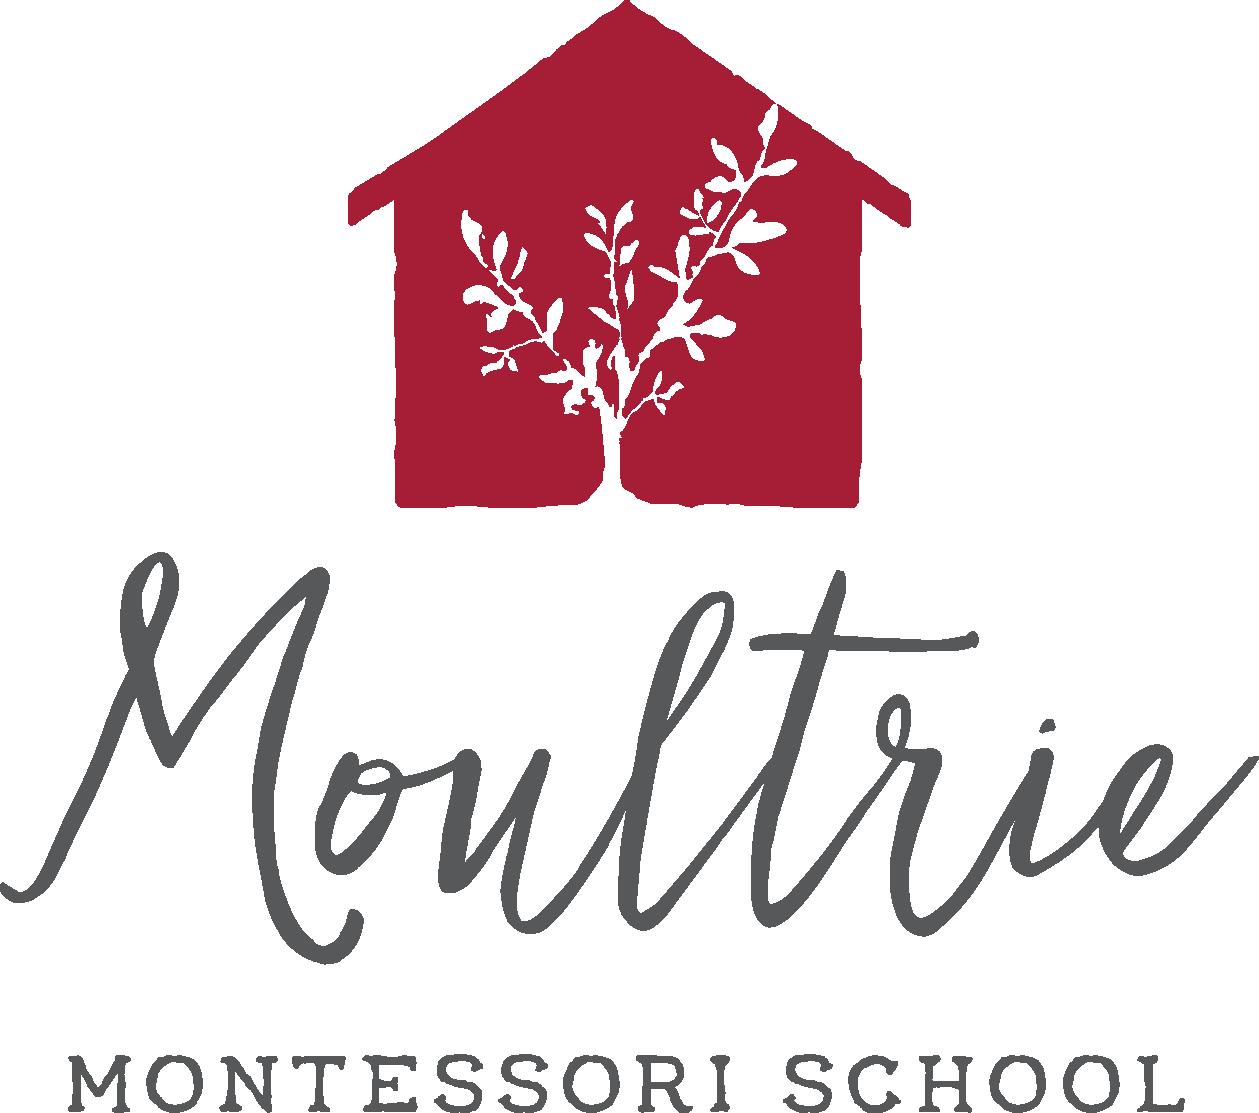 Moultrie Montessori School